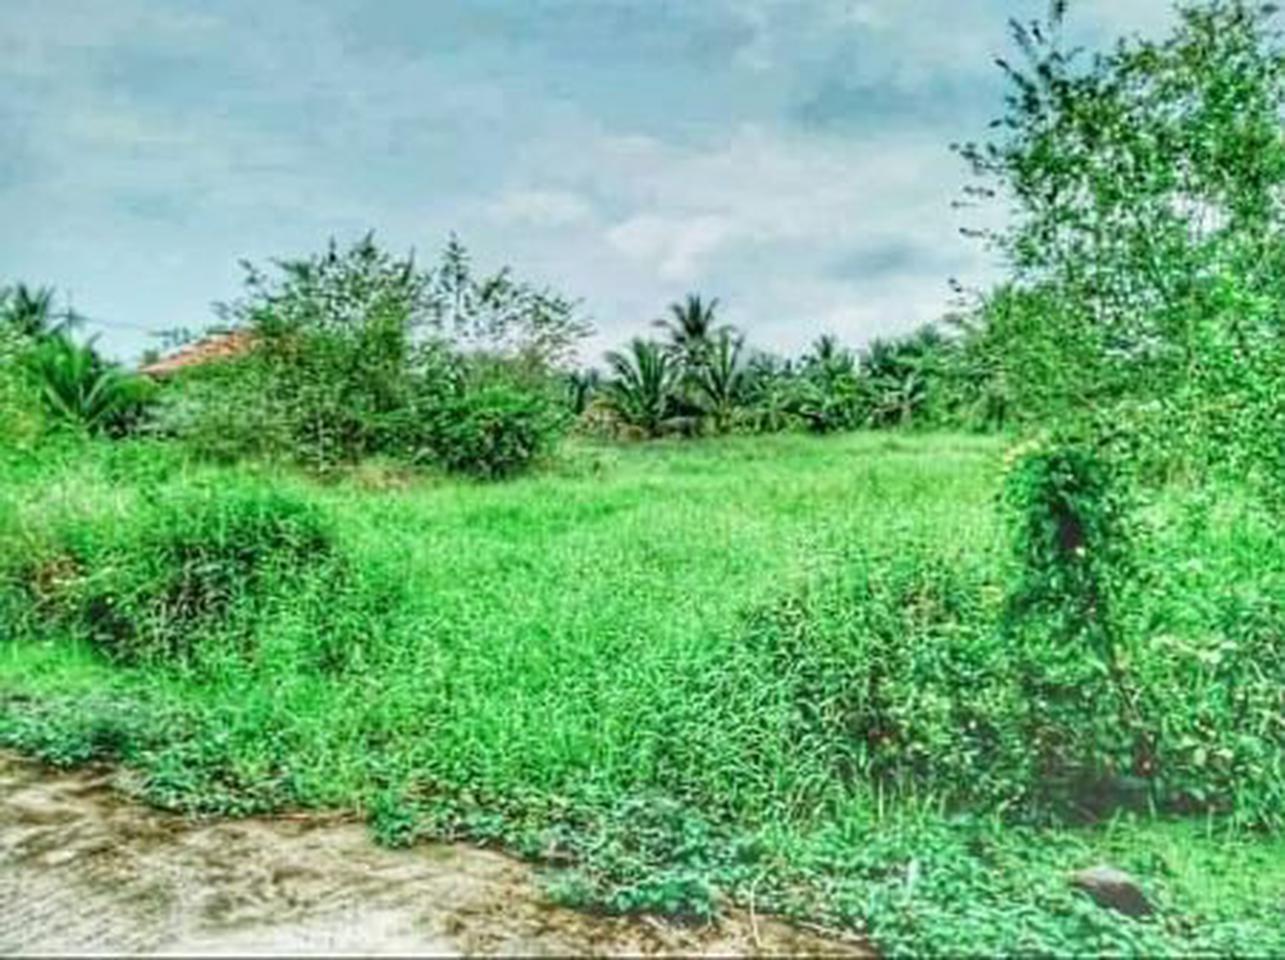 ขาย  ที่ดิน ที่ดินแบ่งล็อก ขายถูก ที่ดินเปล่า แบ่งล็อกขาย 54ตรว  ลดสุด ๆ ราคานี้ ถึงสิ้นเดือน มีนาคม 2564 เท่านั้น รูปที่ 1